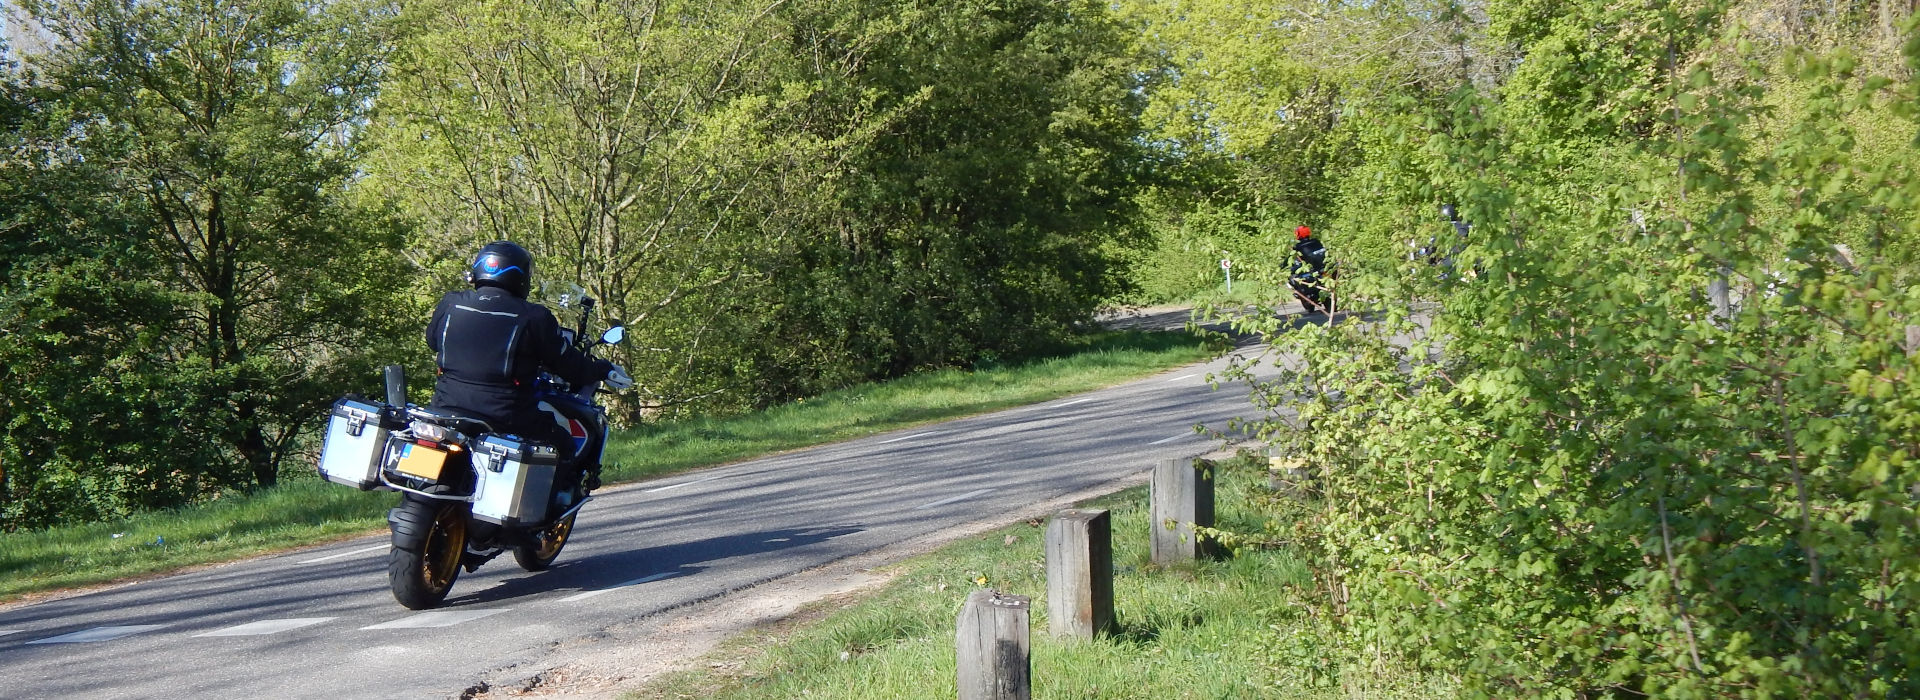 Motorrijbewijspoint S-Gravendeel spoed motorrijbewijs